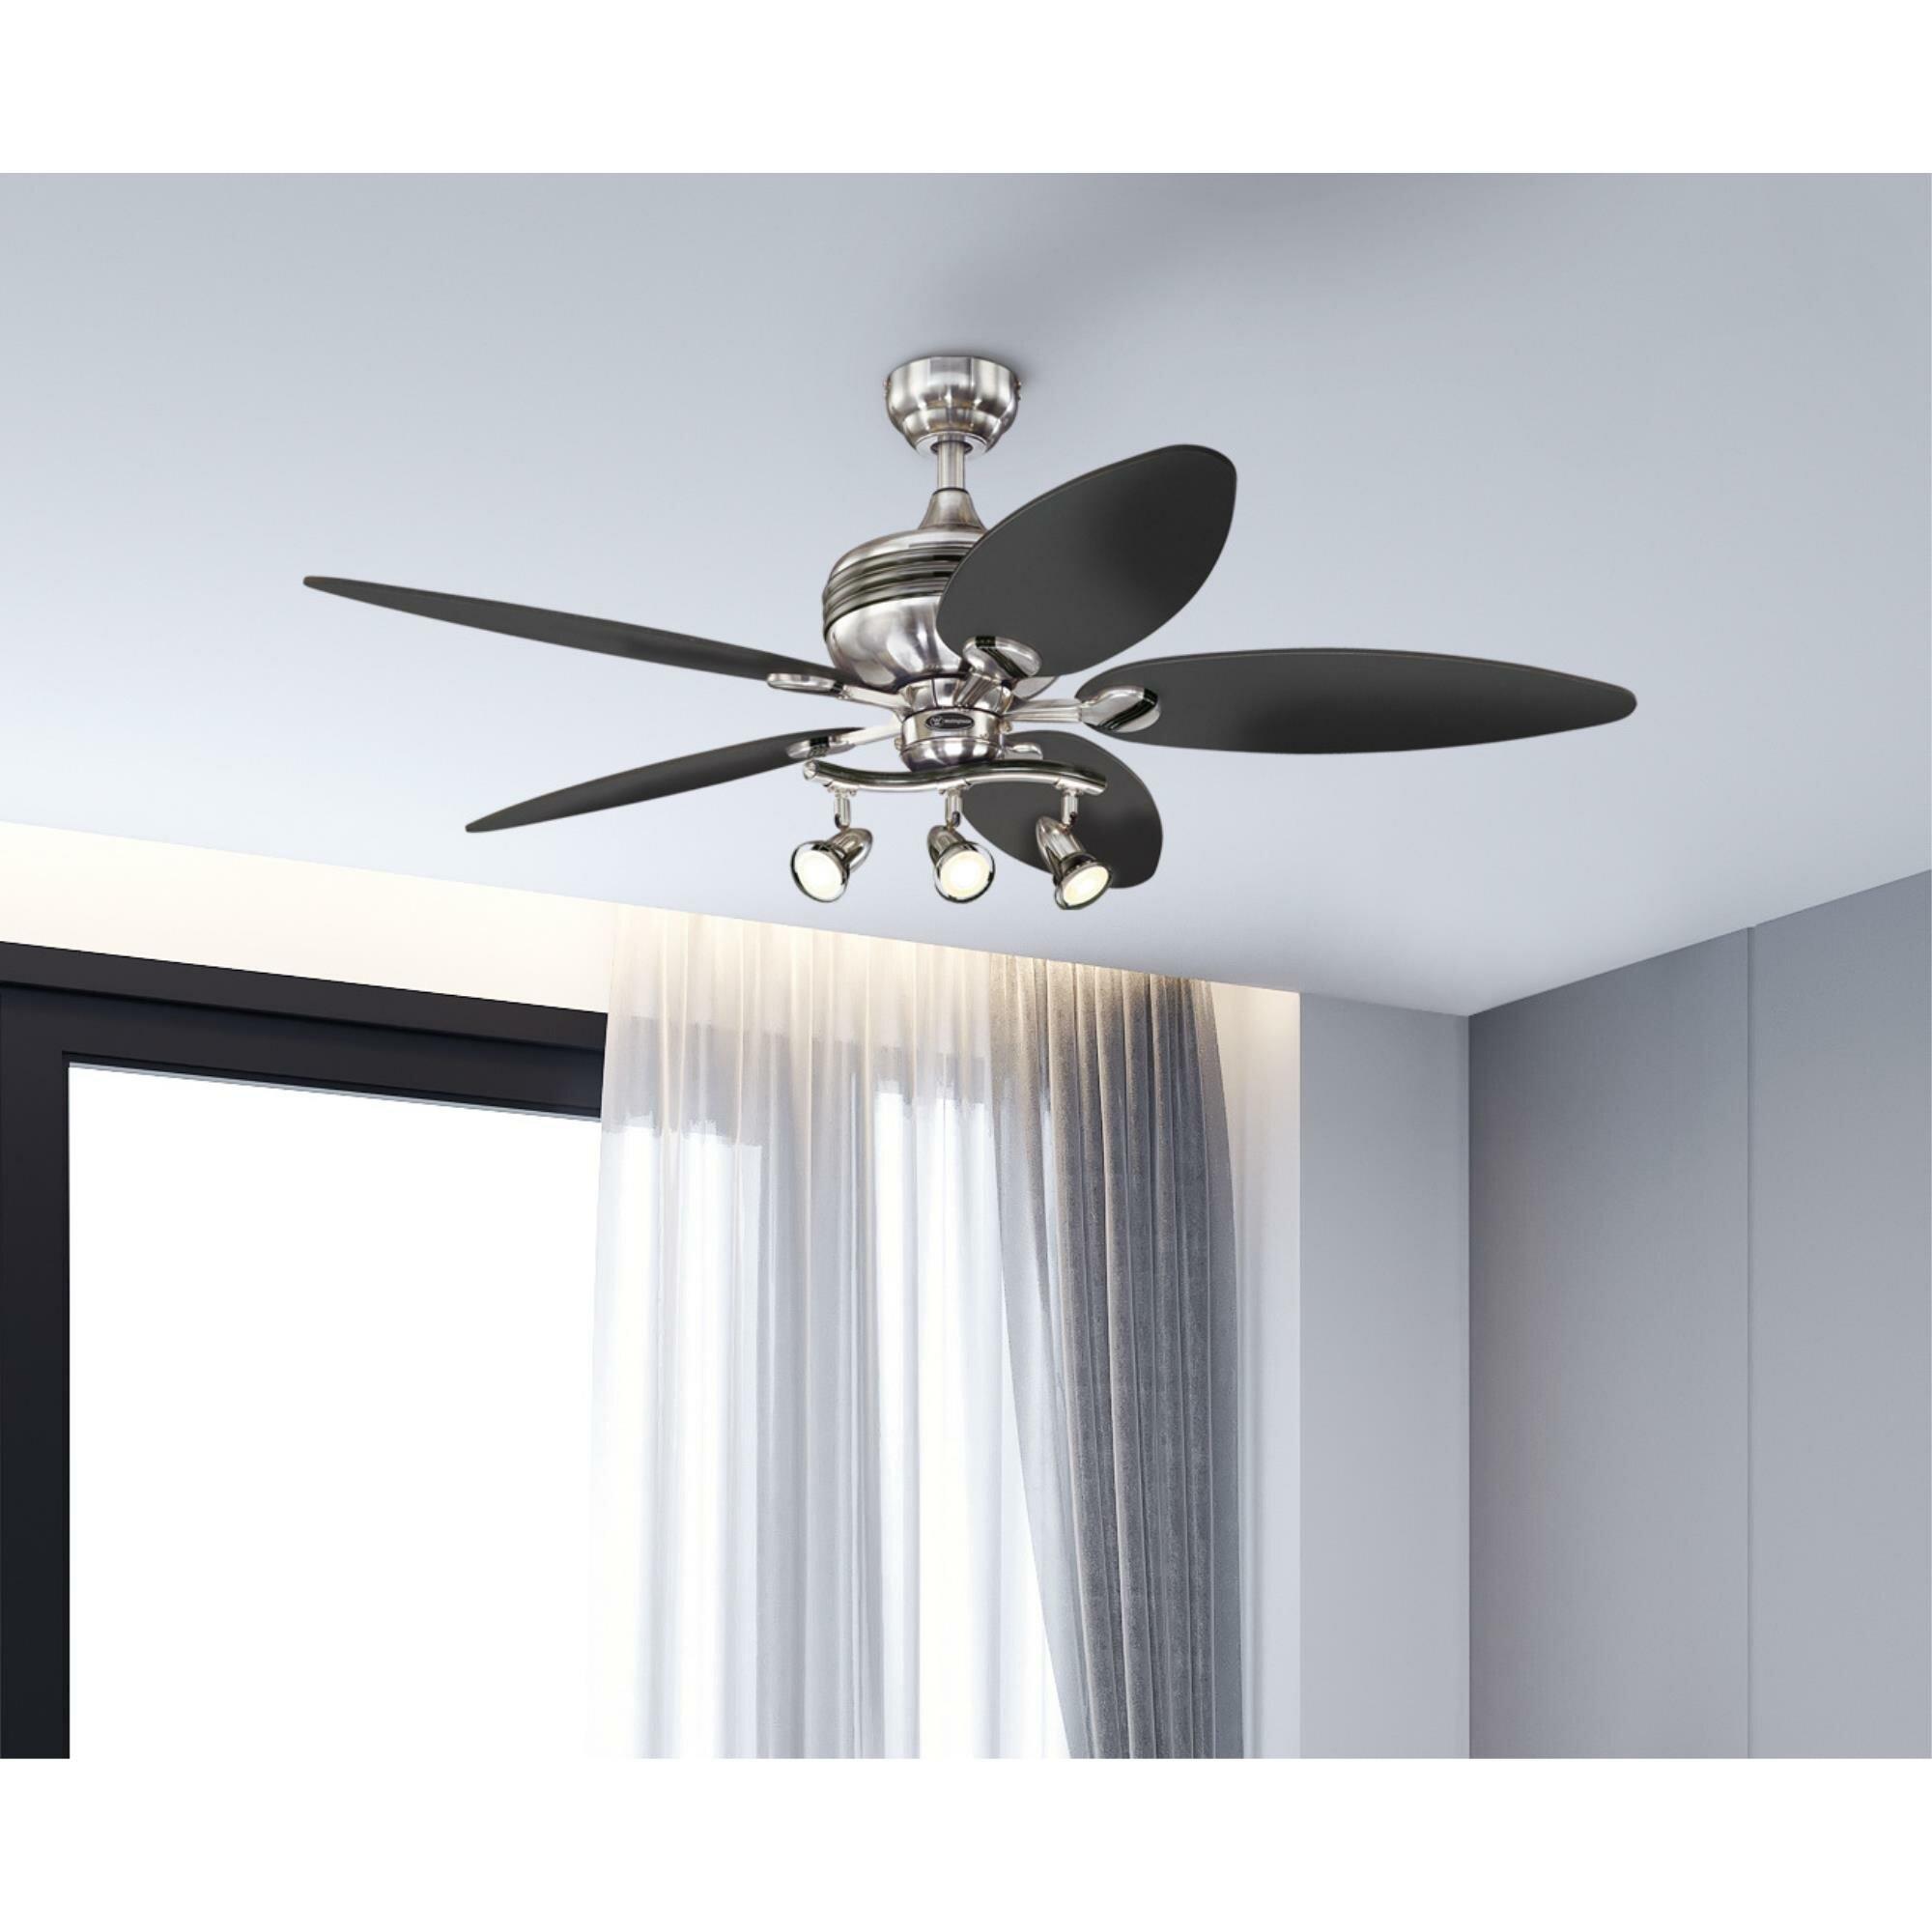 Xavier Ii 5 Blade Ceiling Fan Light Kit